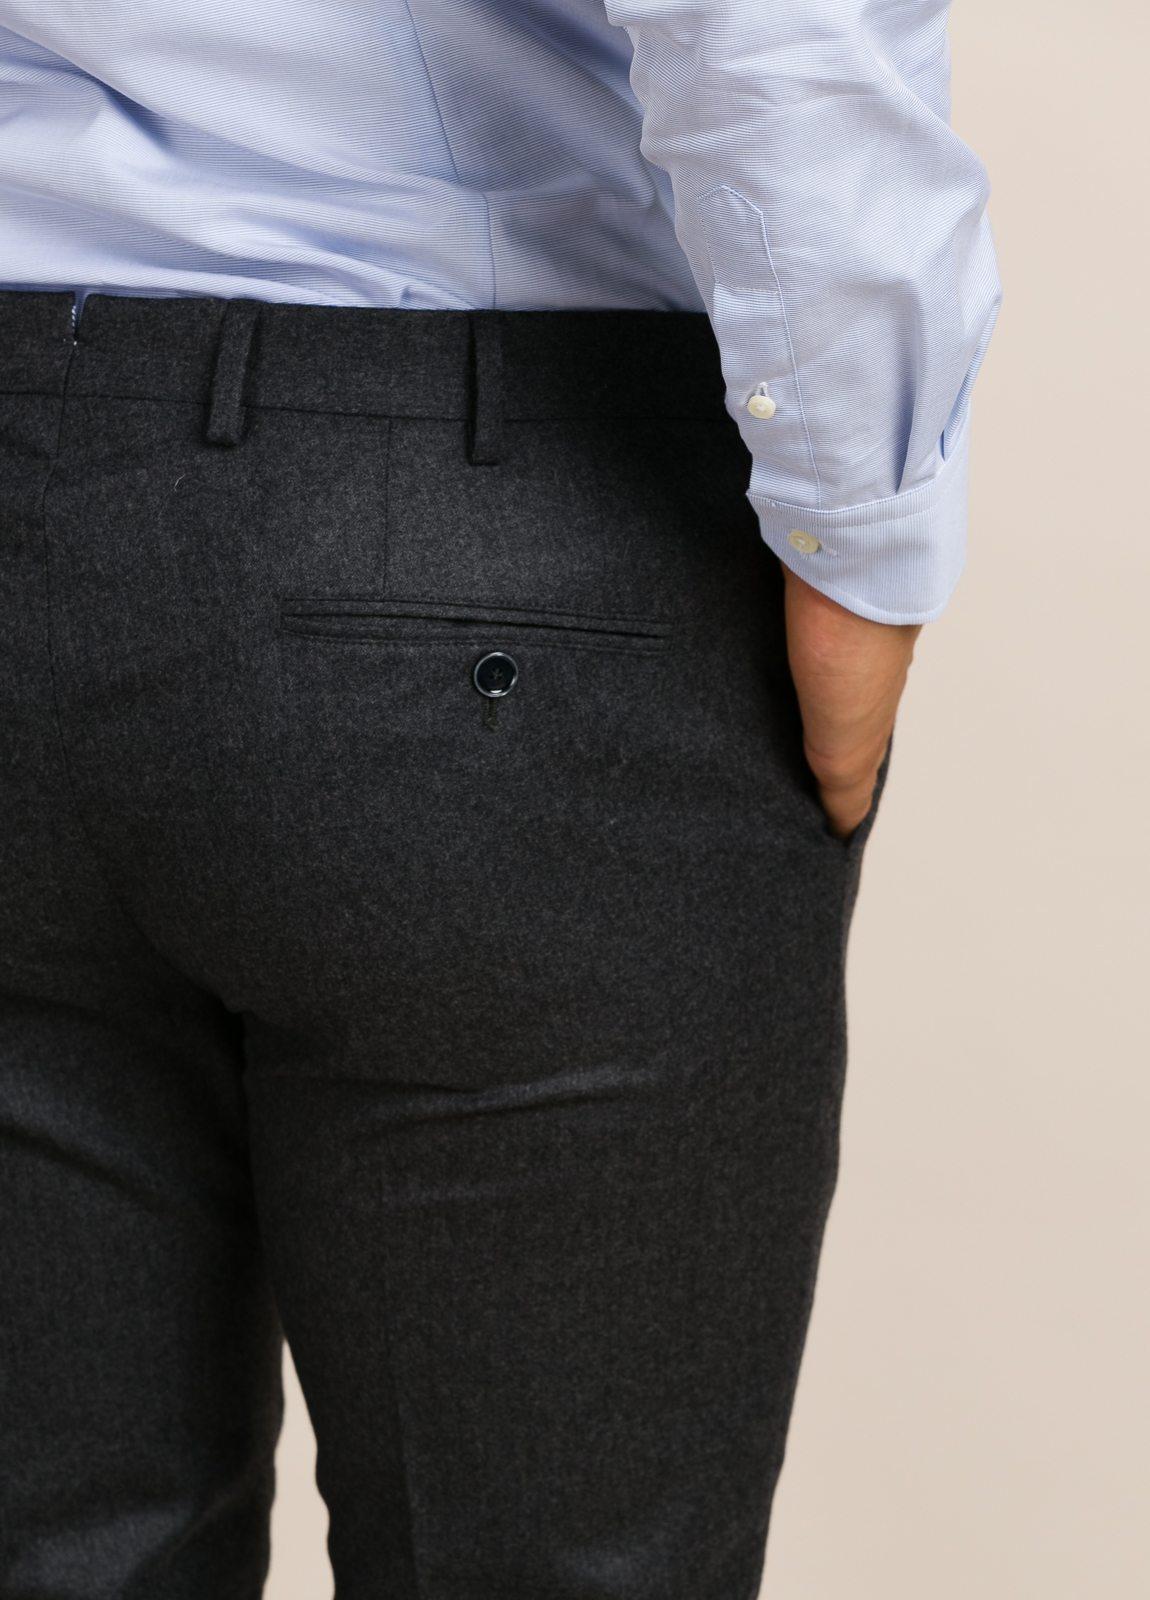 Pantalón de vestir Furest Colección color gris - Ítem2